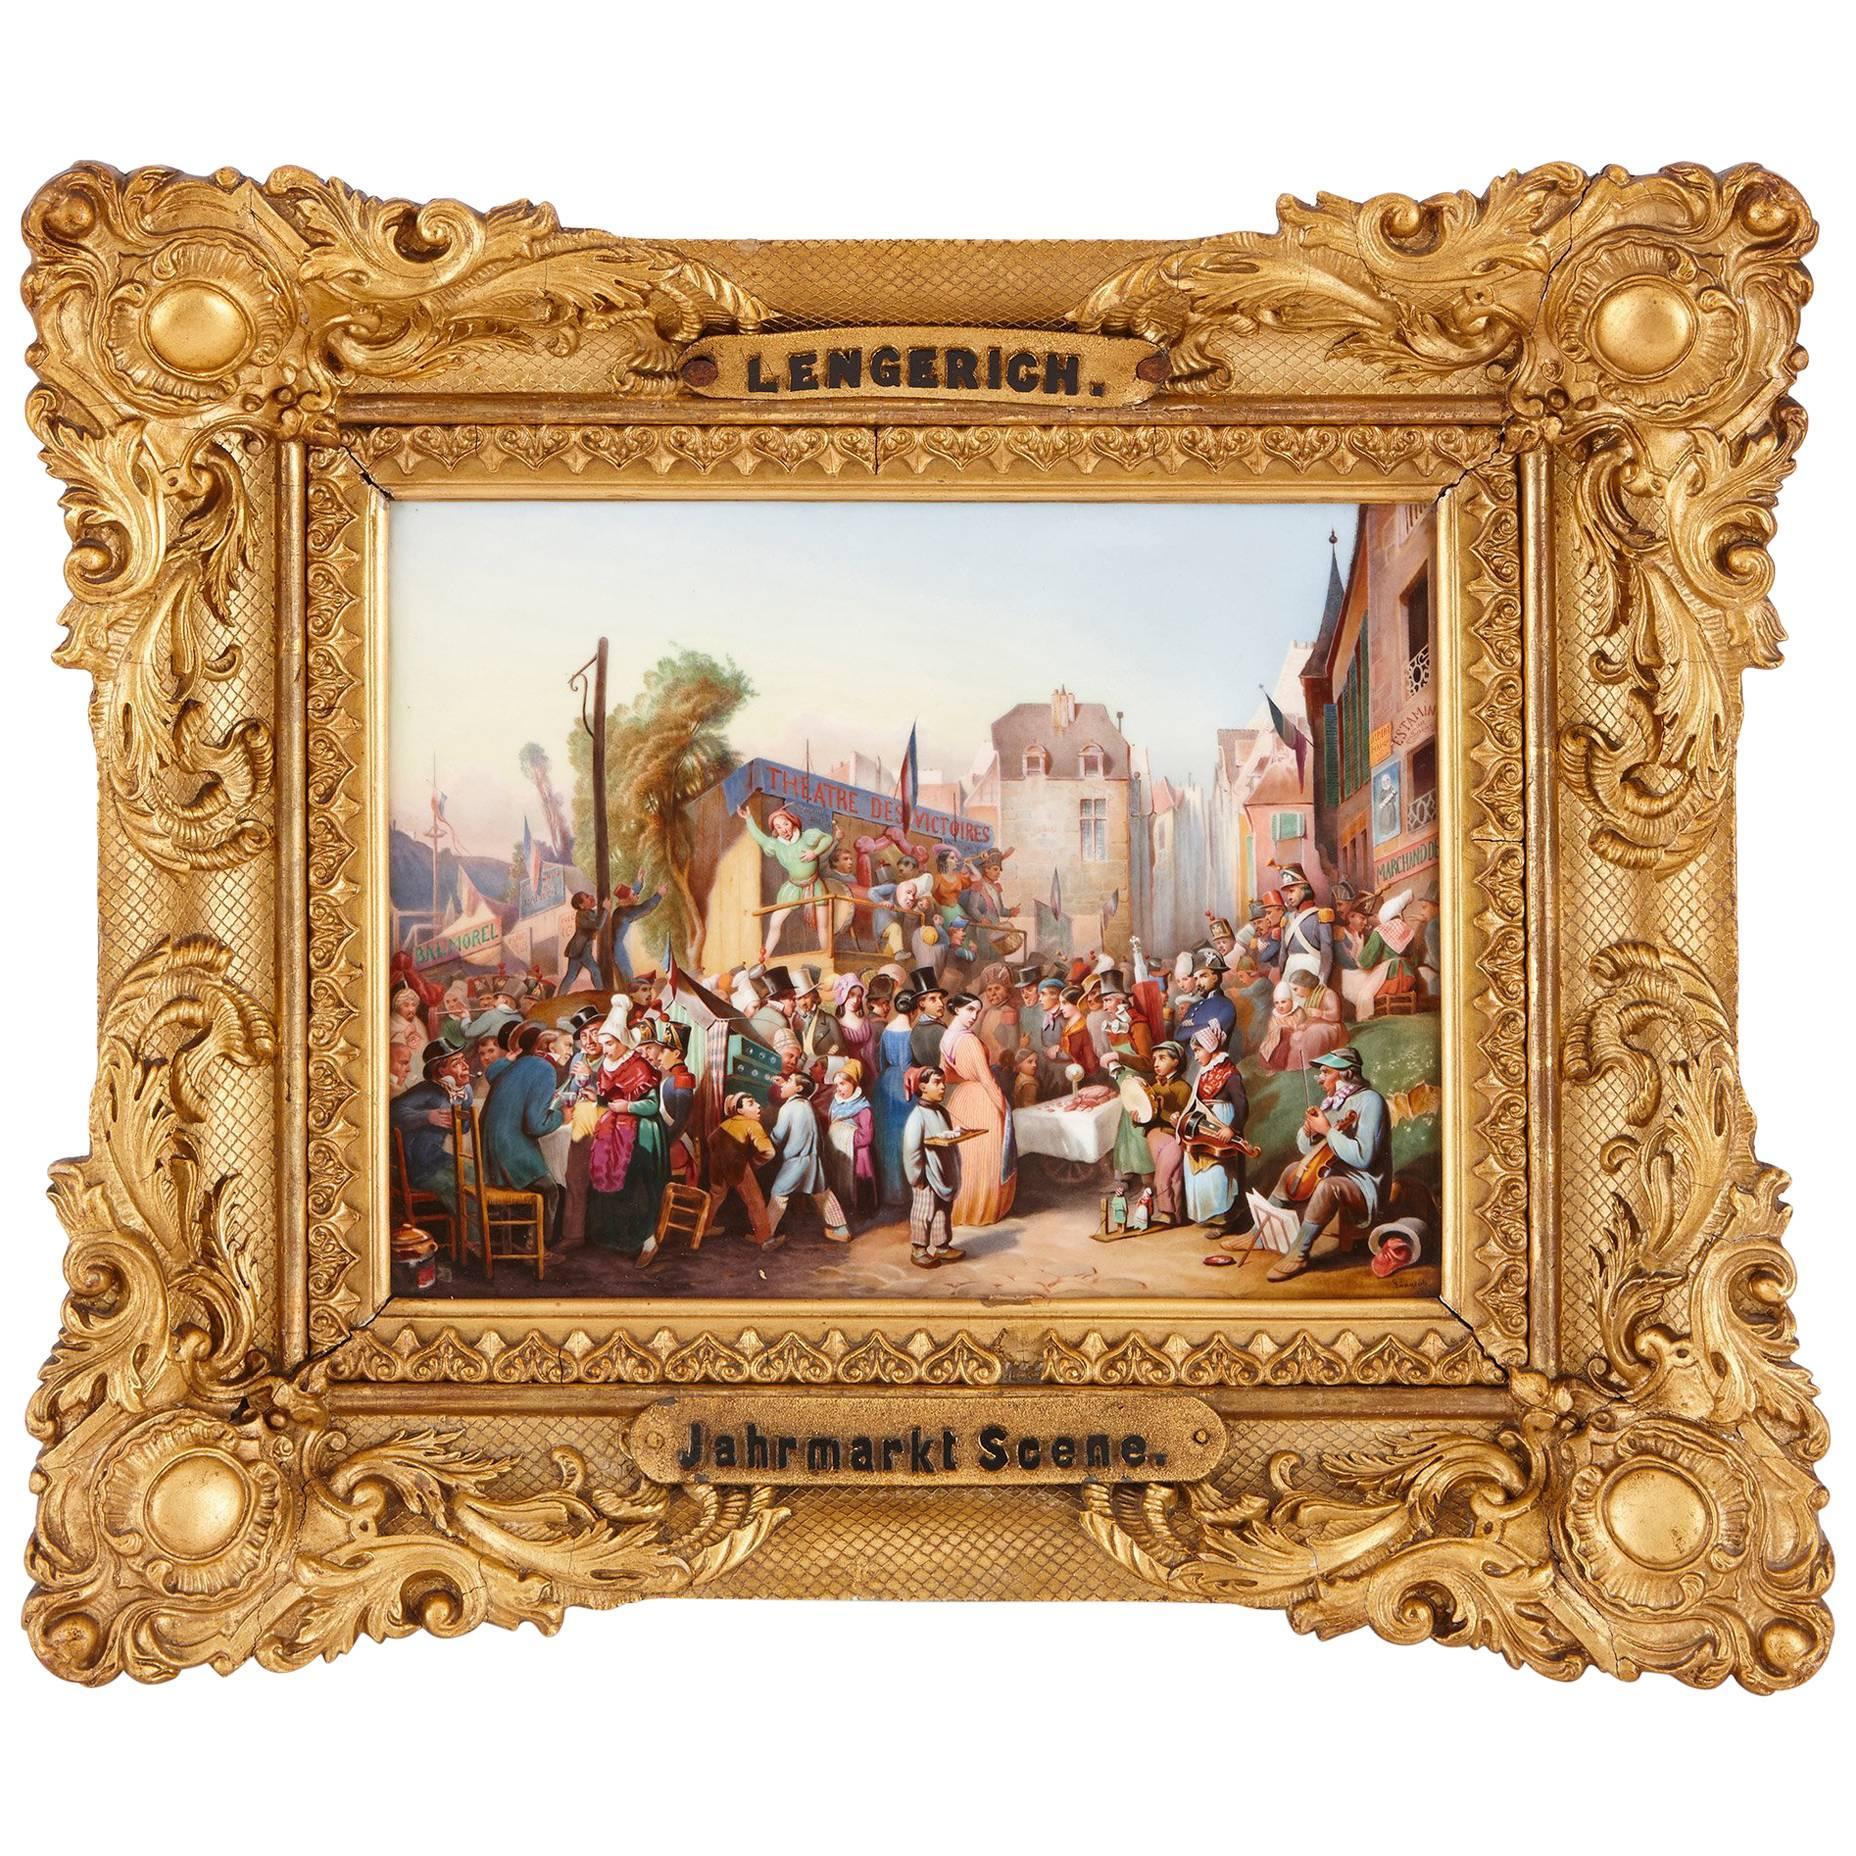 Porcelain Plaque of a 19th Century German Market by KPM